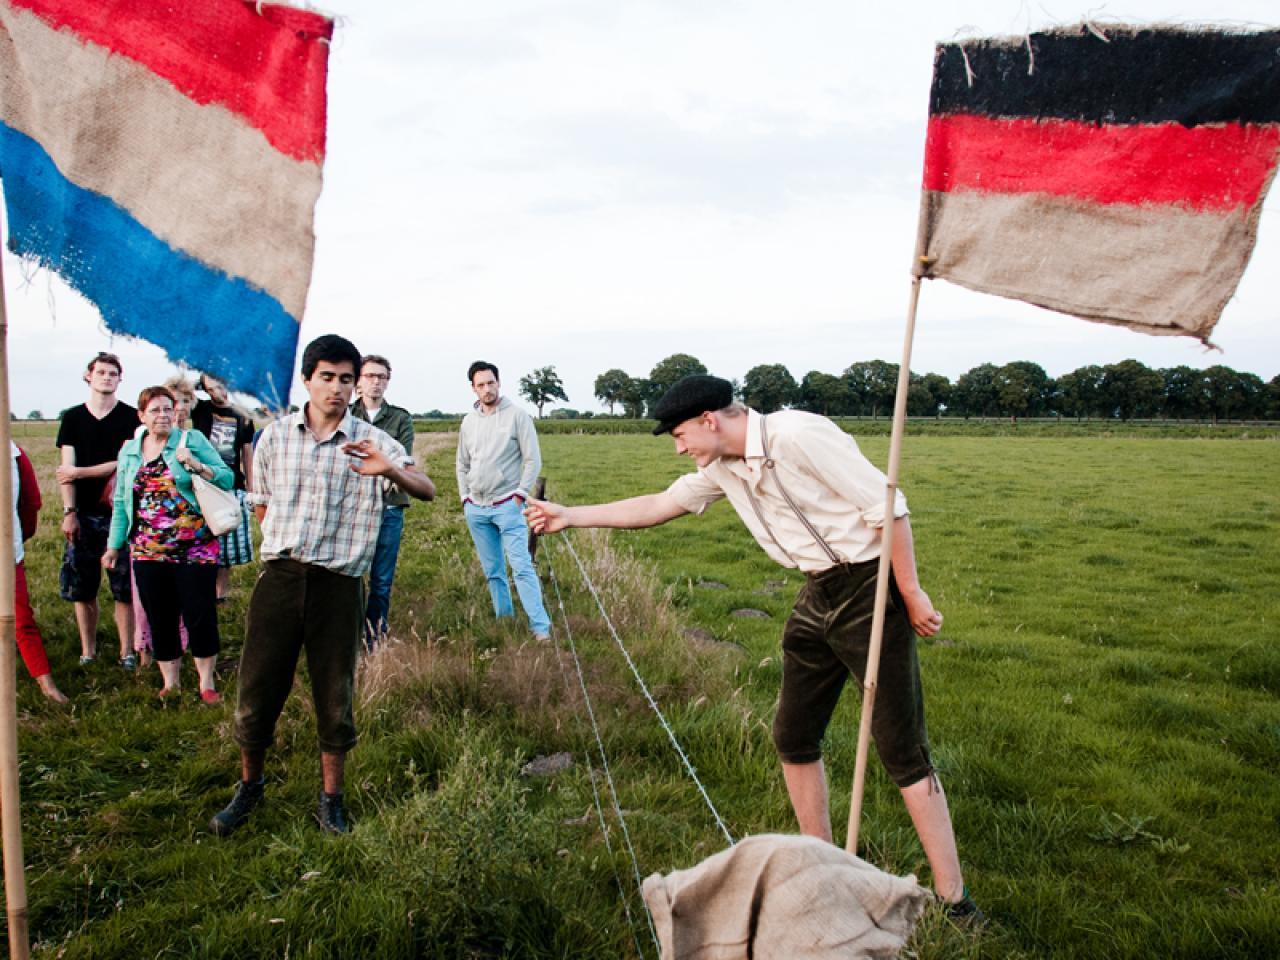 Theaterstuk op het platteland met de Nederlandse en Duitse vlag